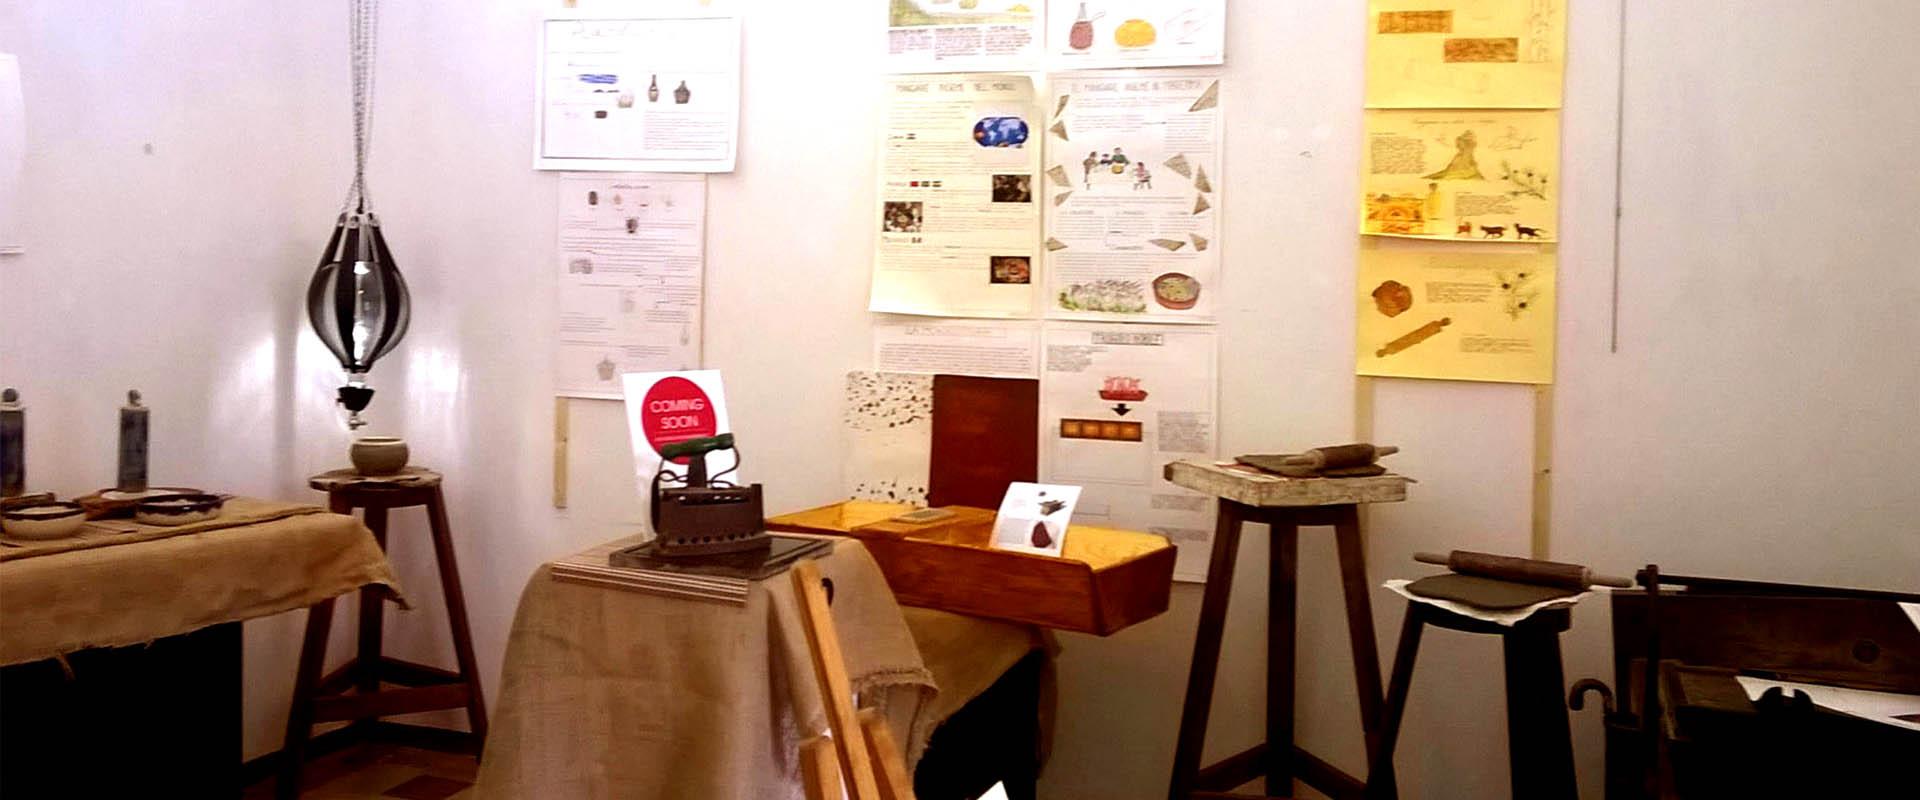 briganti_di_maremma_mostra_oggetti_tradizione_design